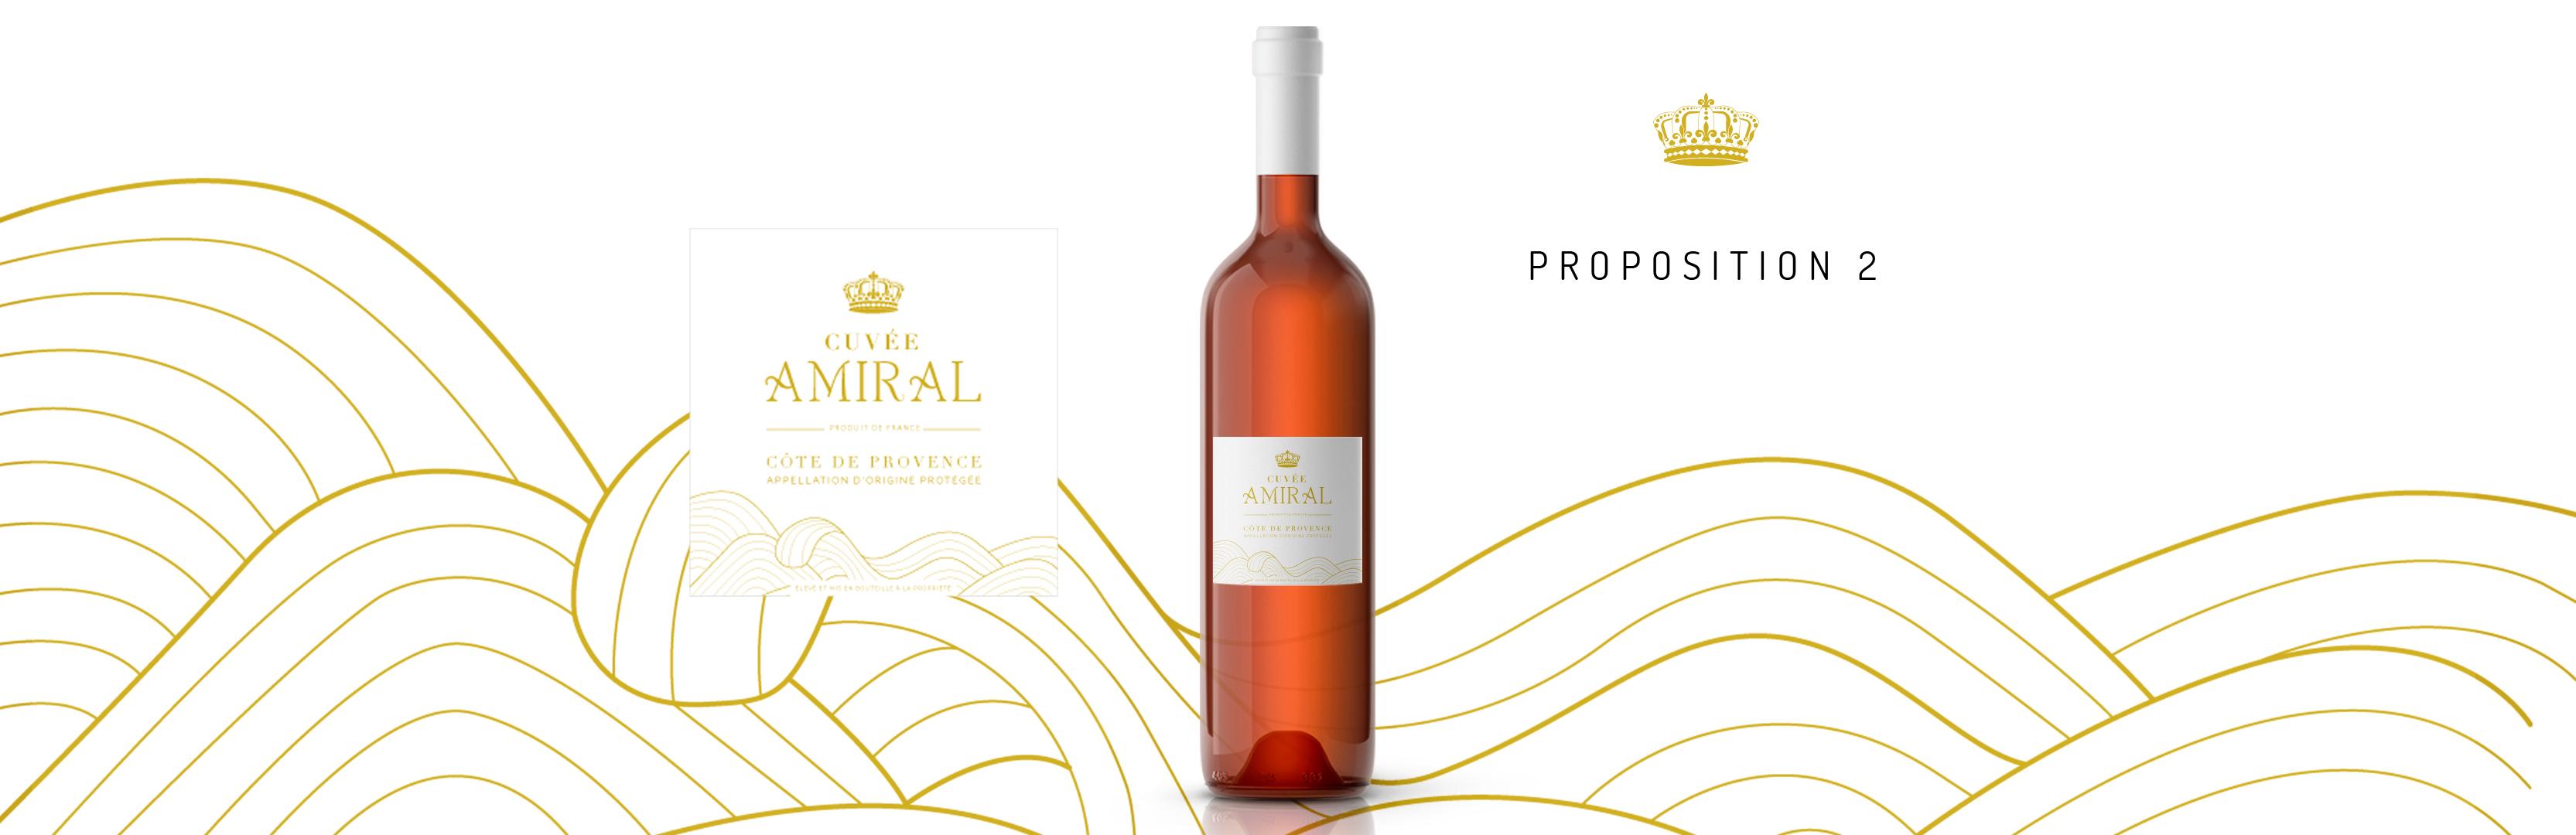 Habillage de bouteille Cuvée Amiral proposition 2